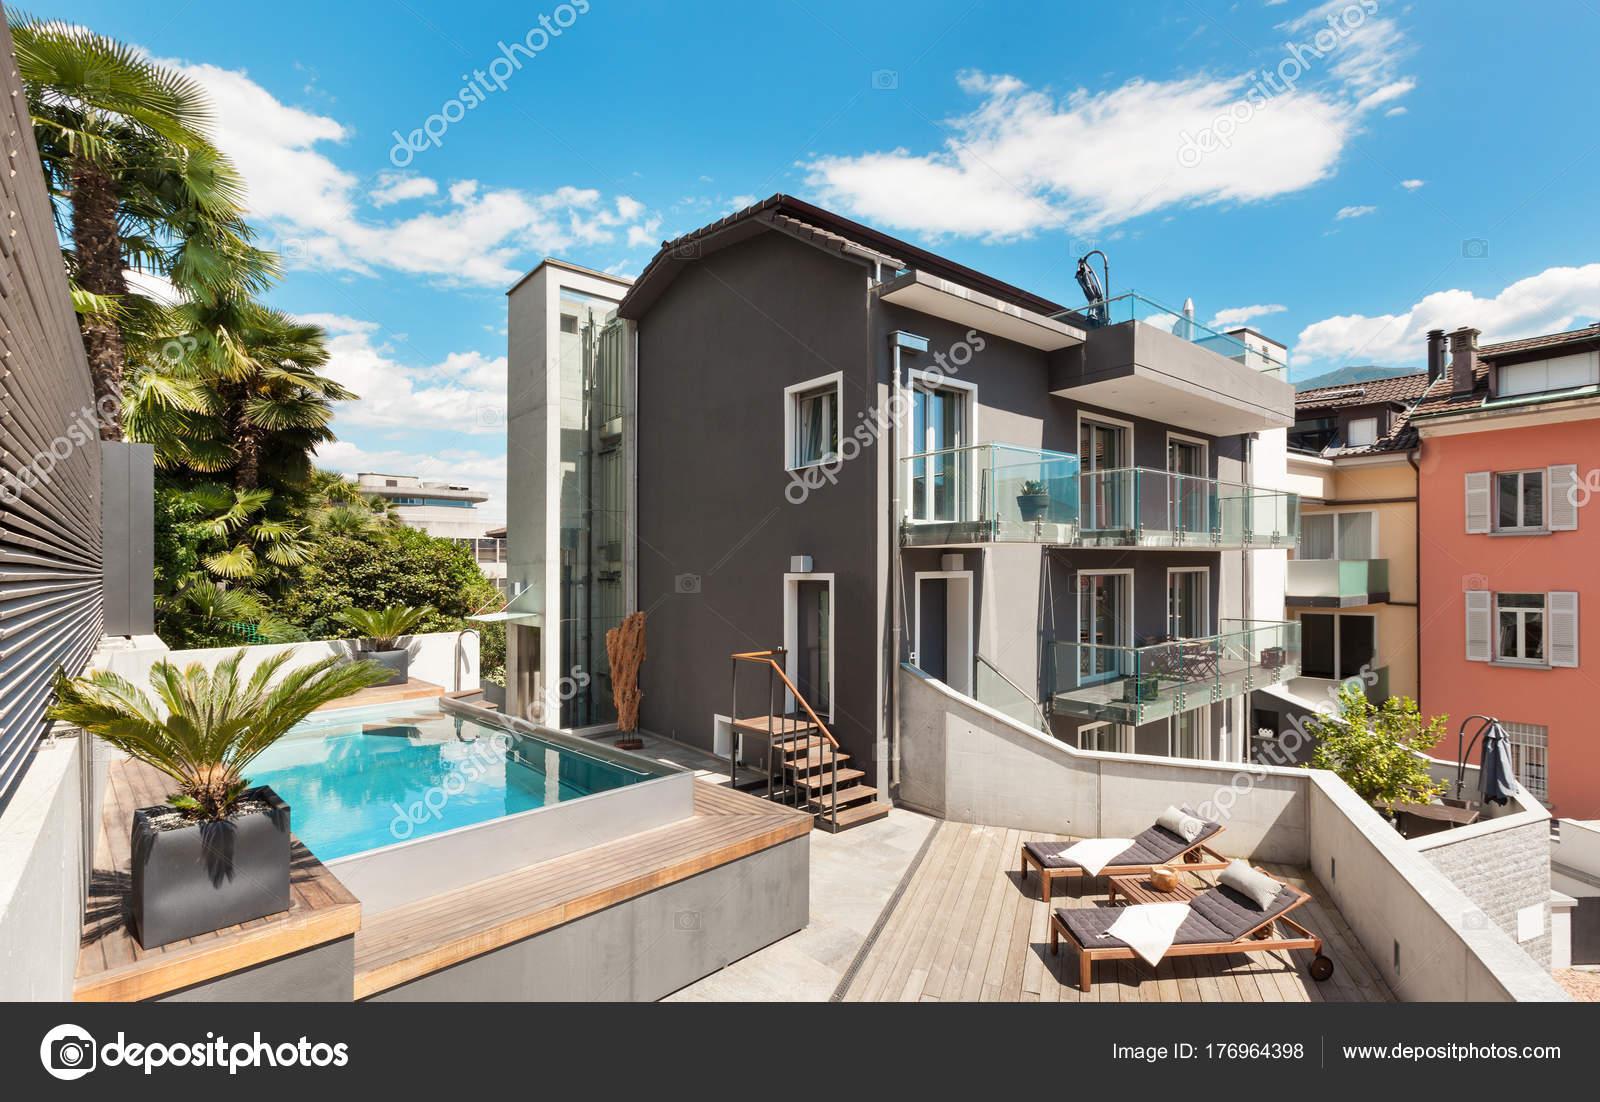 Mooi terras van moderne huis u2014 stockfoto © zveiger #176964398